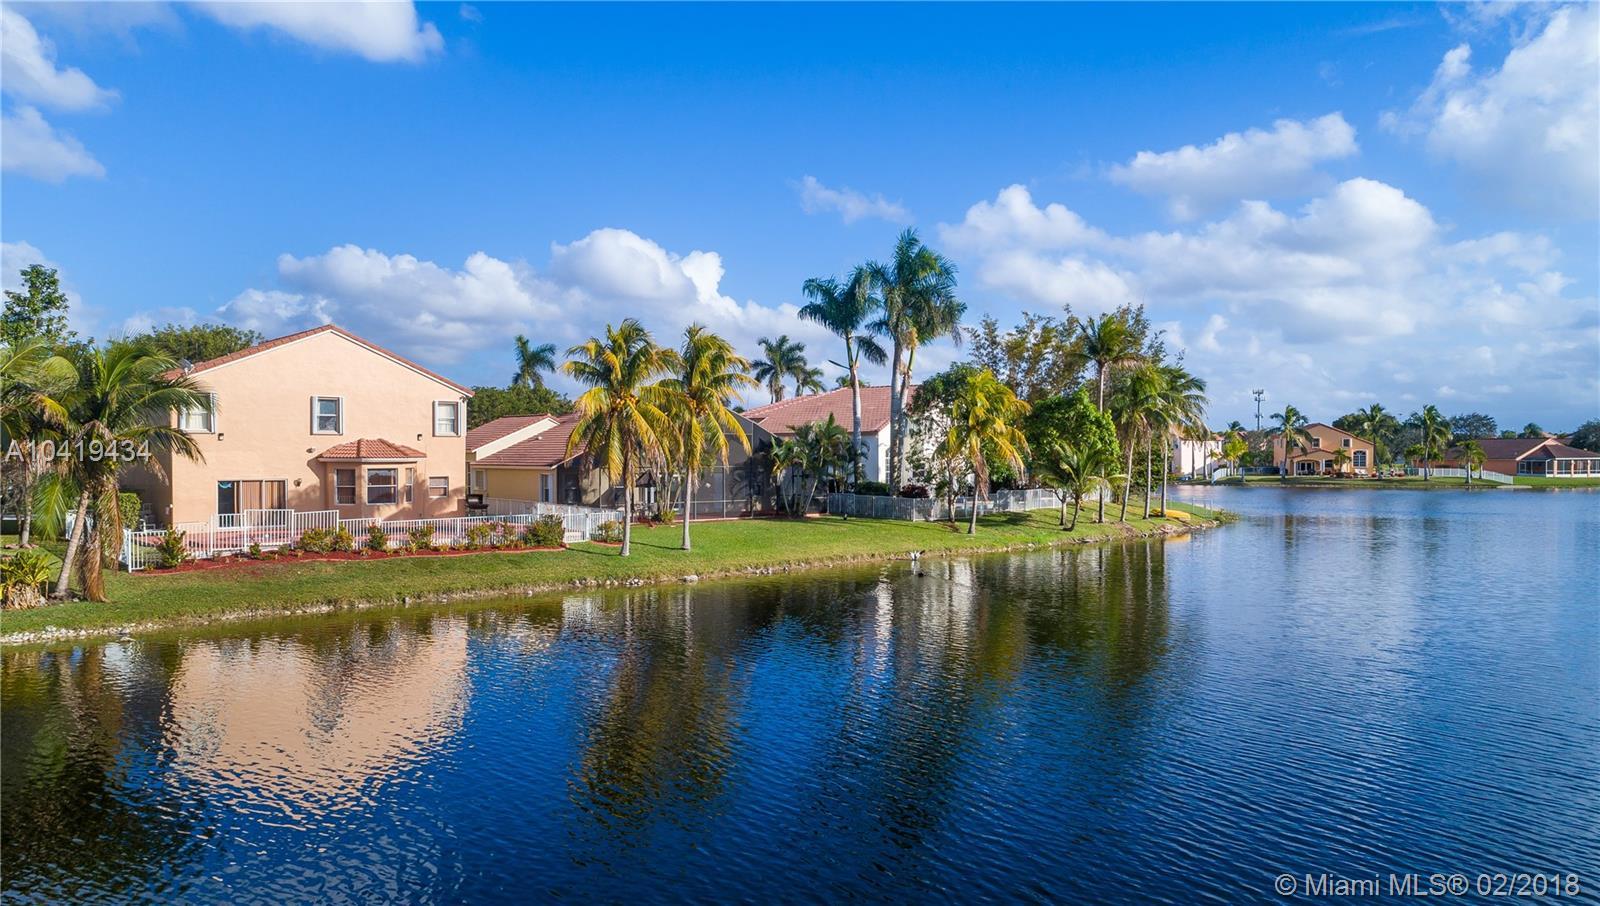 1130 Nw 184th Pl, Pembroke Pines FL, 33029